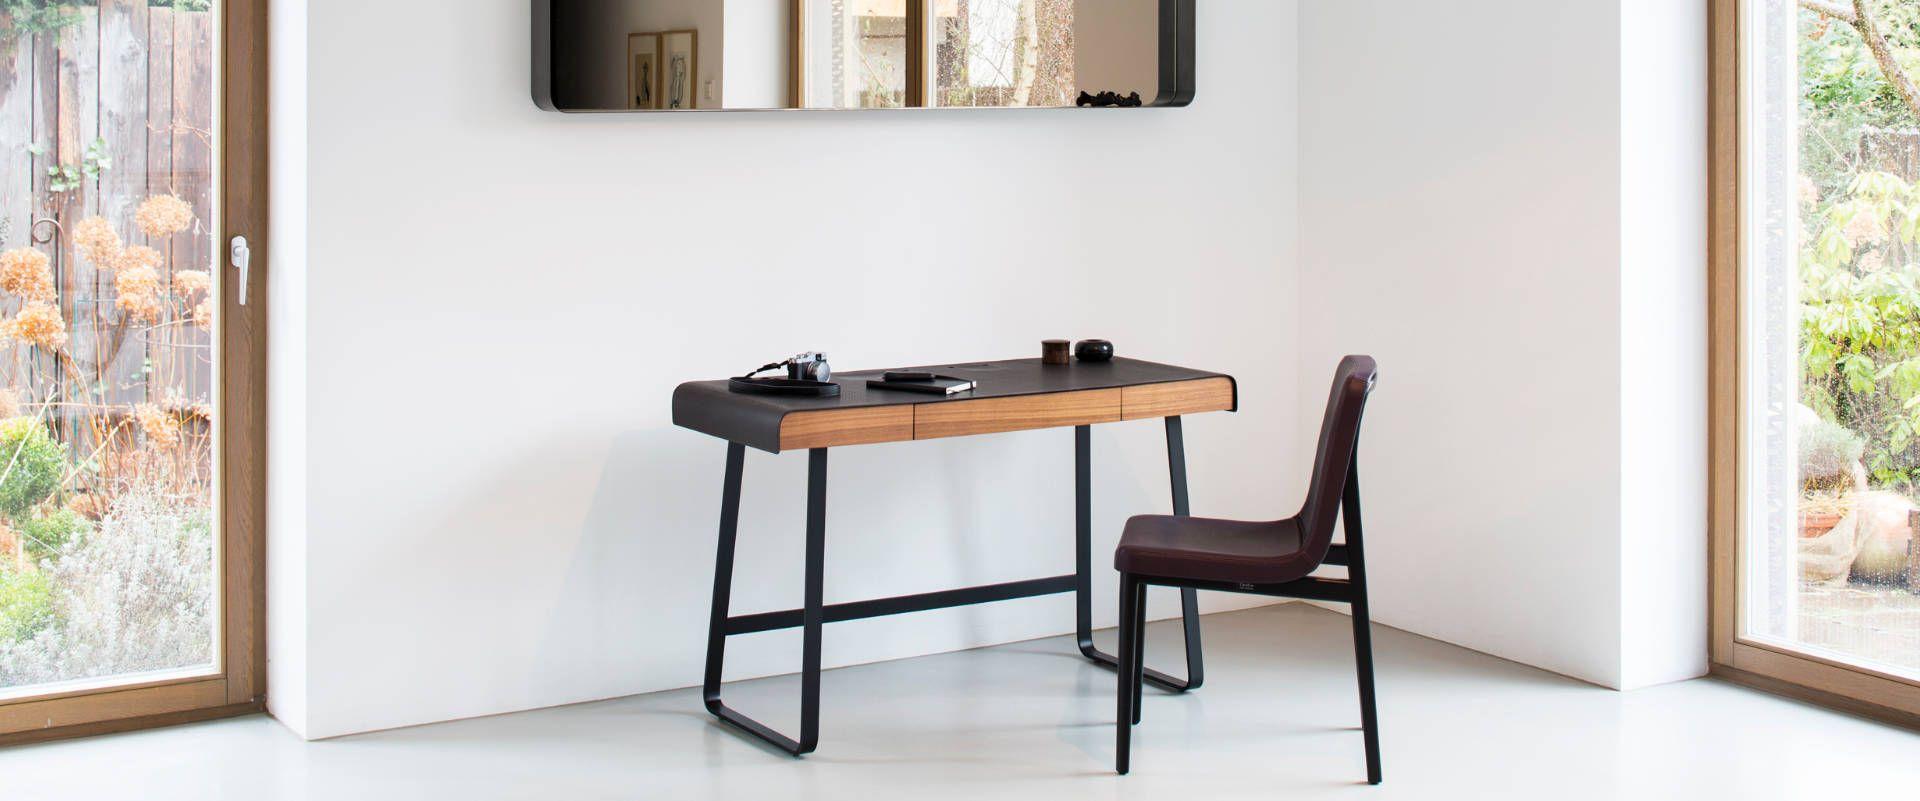 Home Desk Seda, Exklusive Arbeitszimmer, FRETZ Konstanz am Bodensee